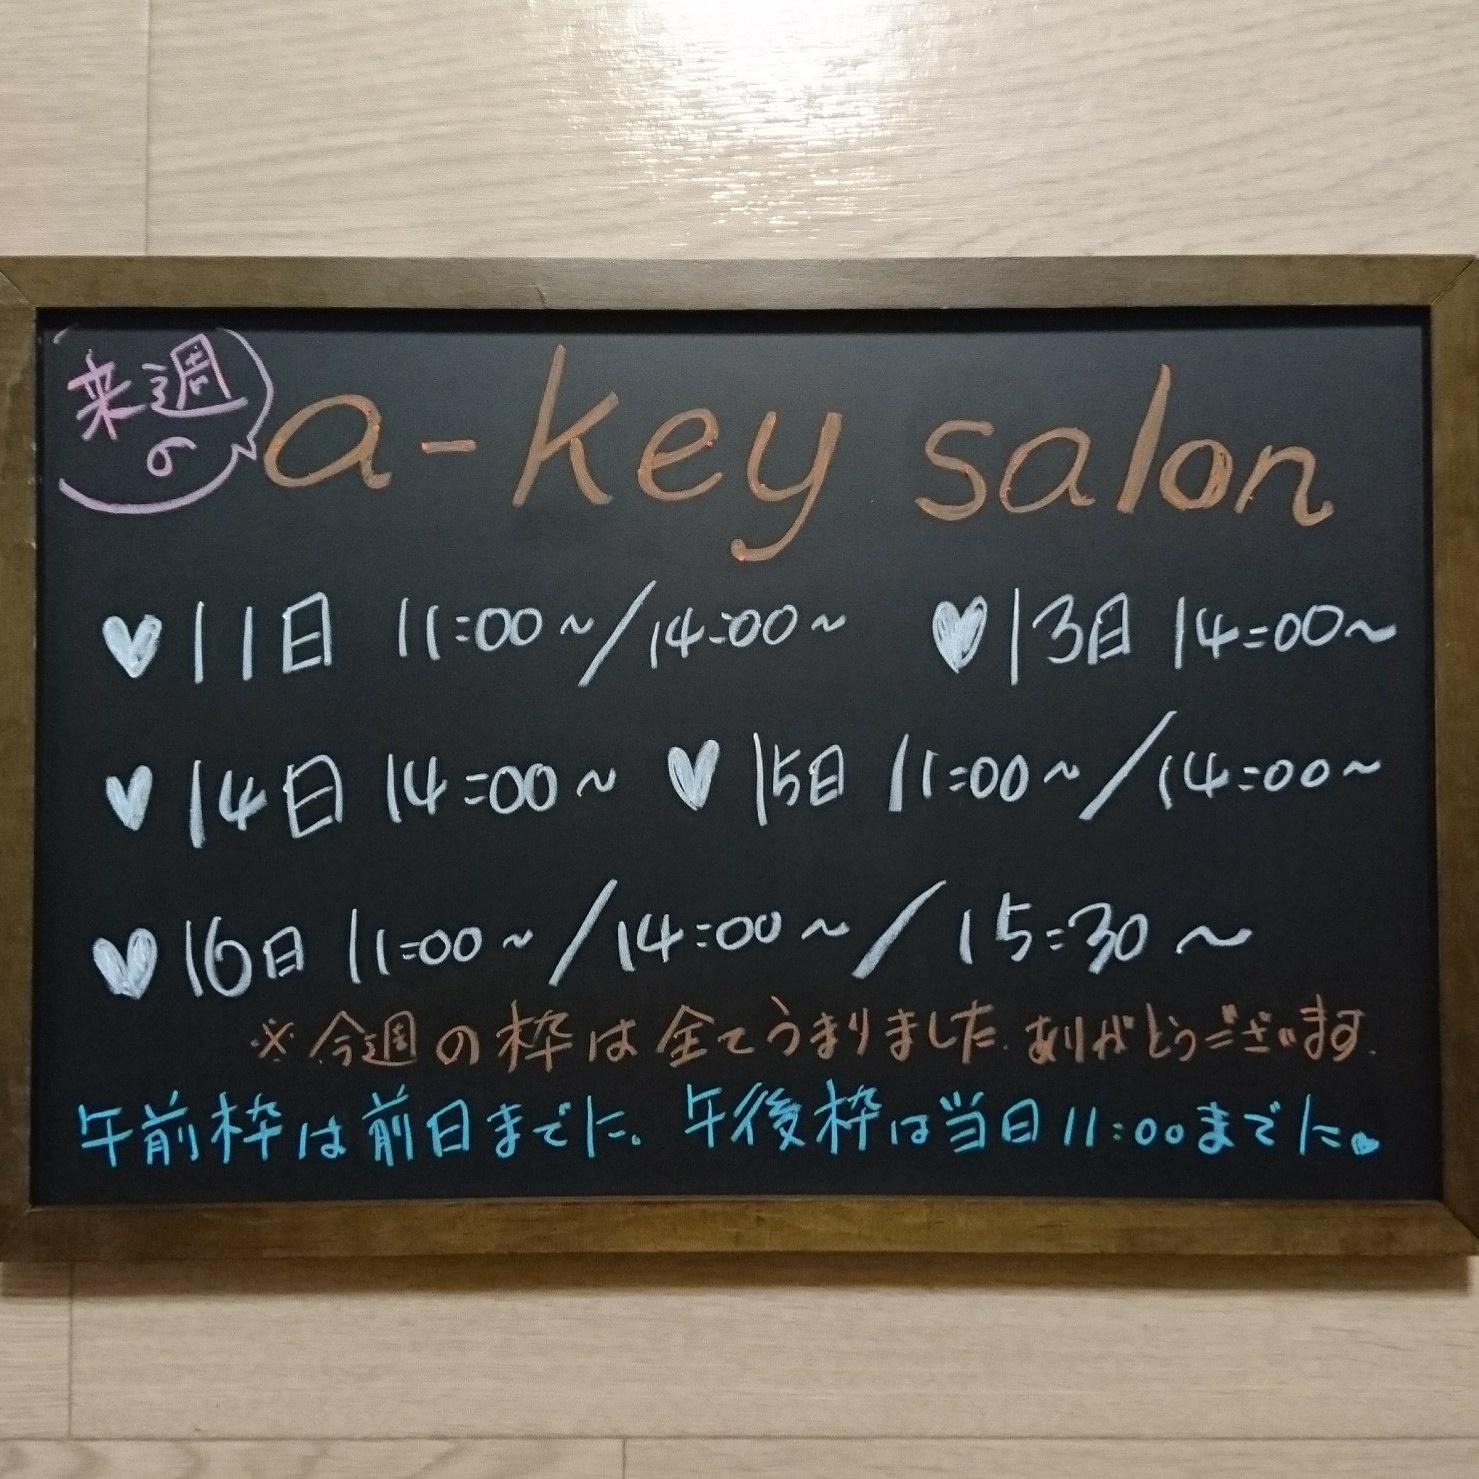 来週のa-keyサロン空き状況